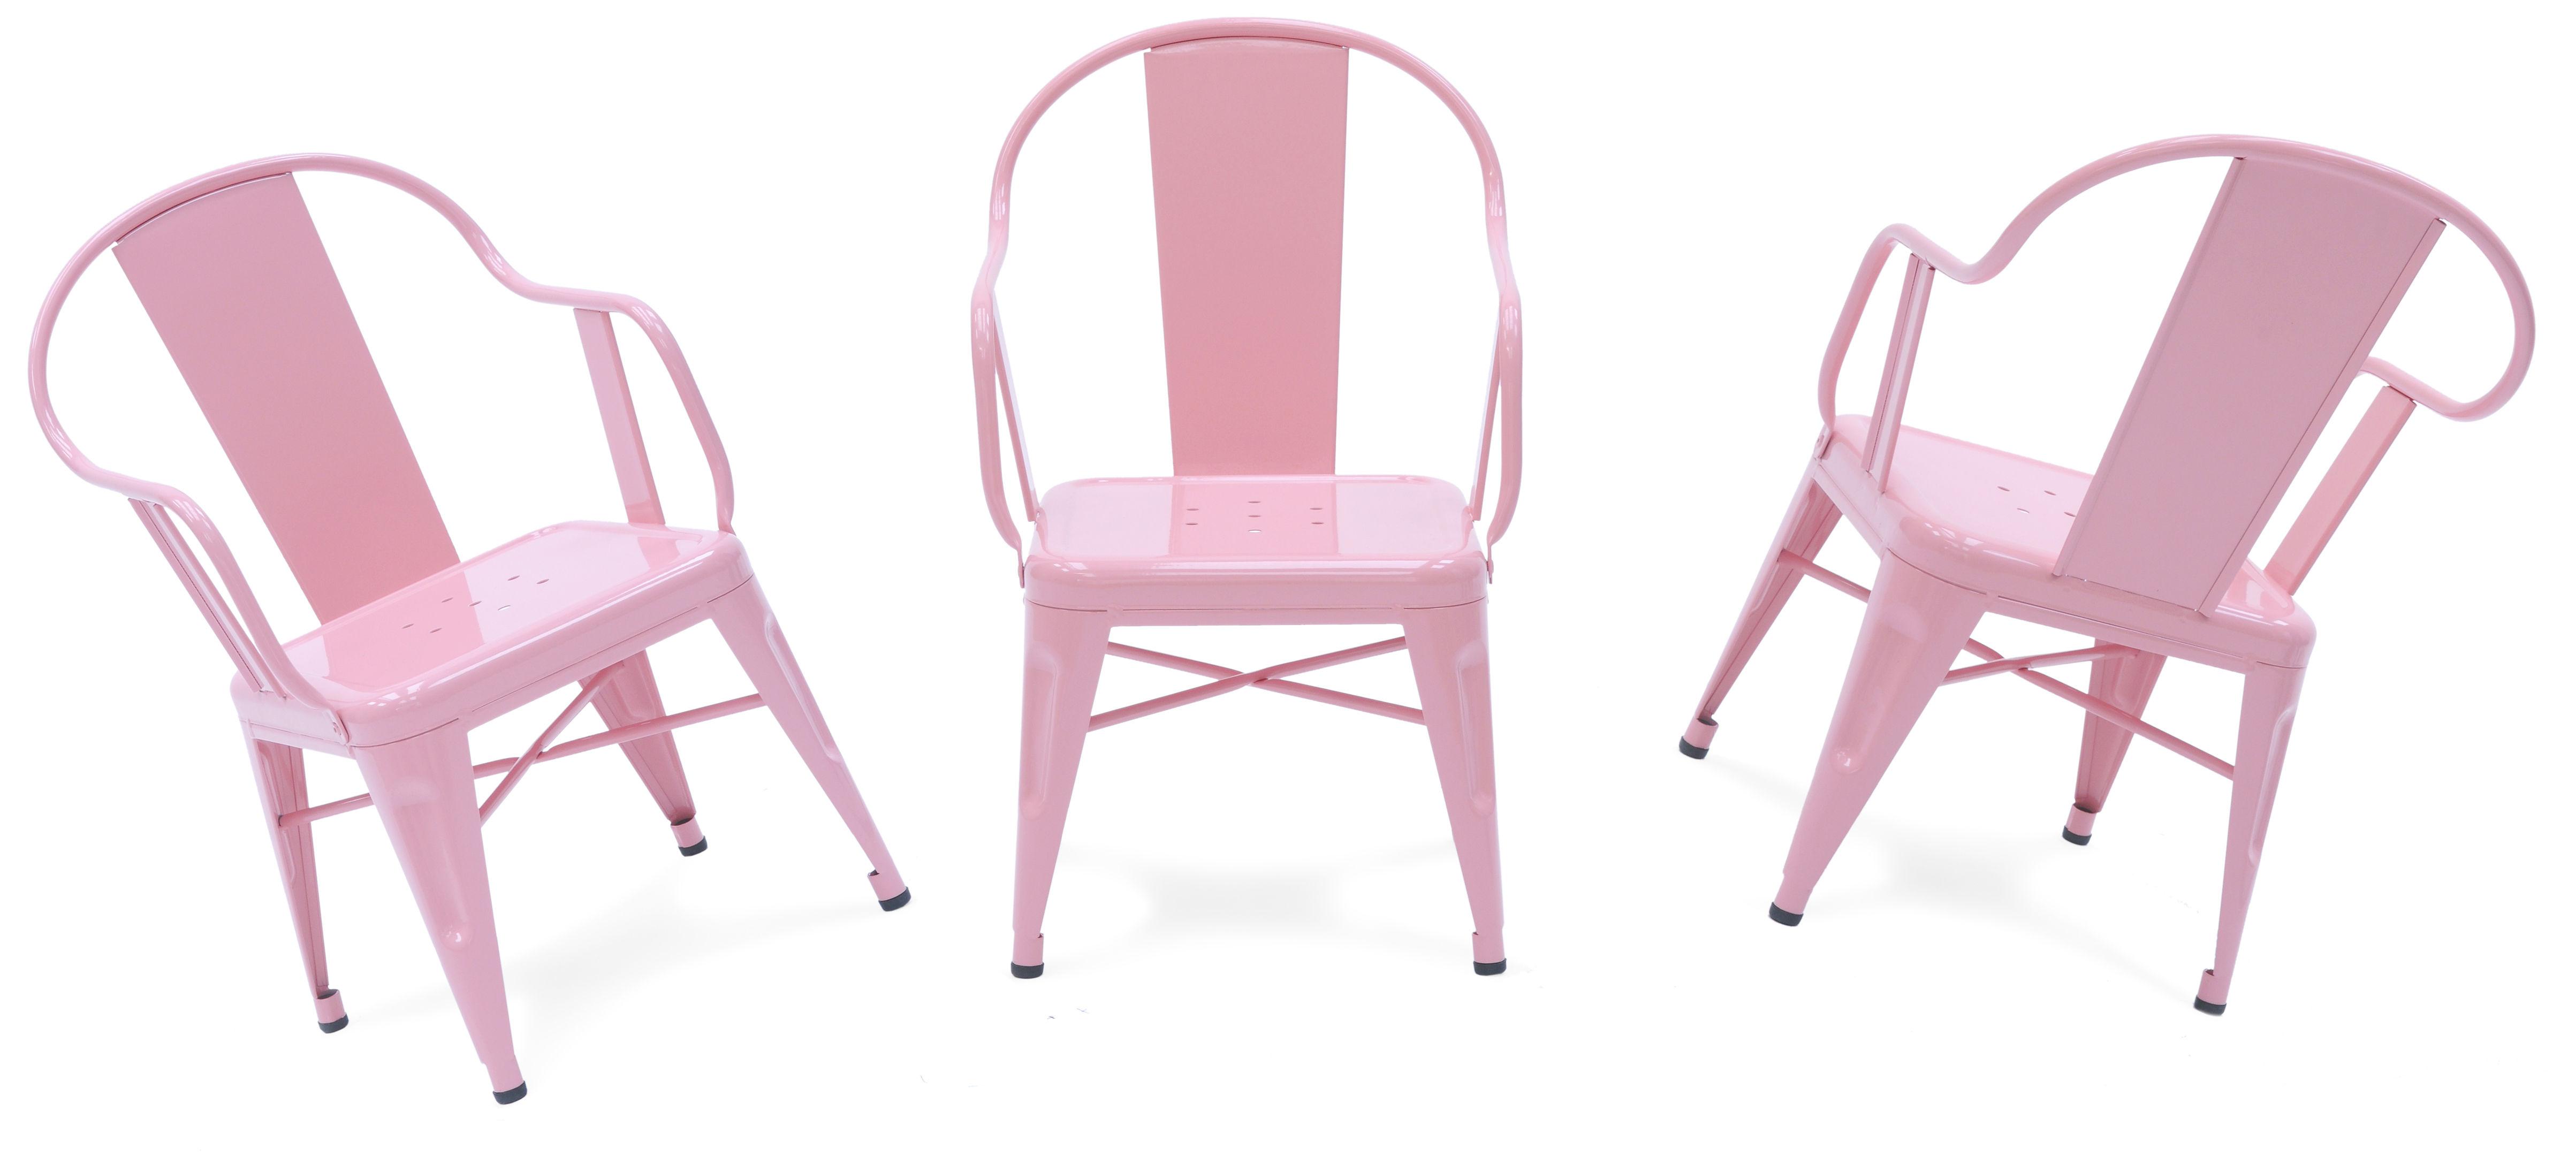 fauteuil enfant mouette acier laqu int rieur rose p le tolix. Black Bedroom Furniture Sets. Home Design Ideas